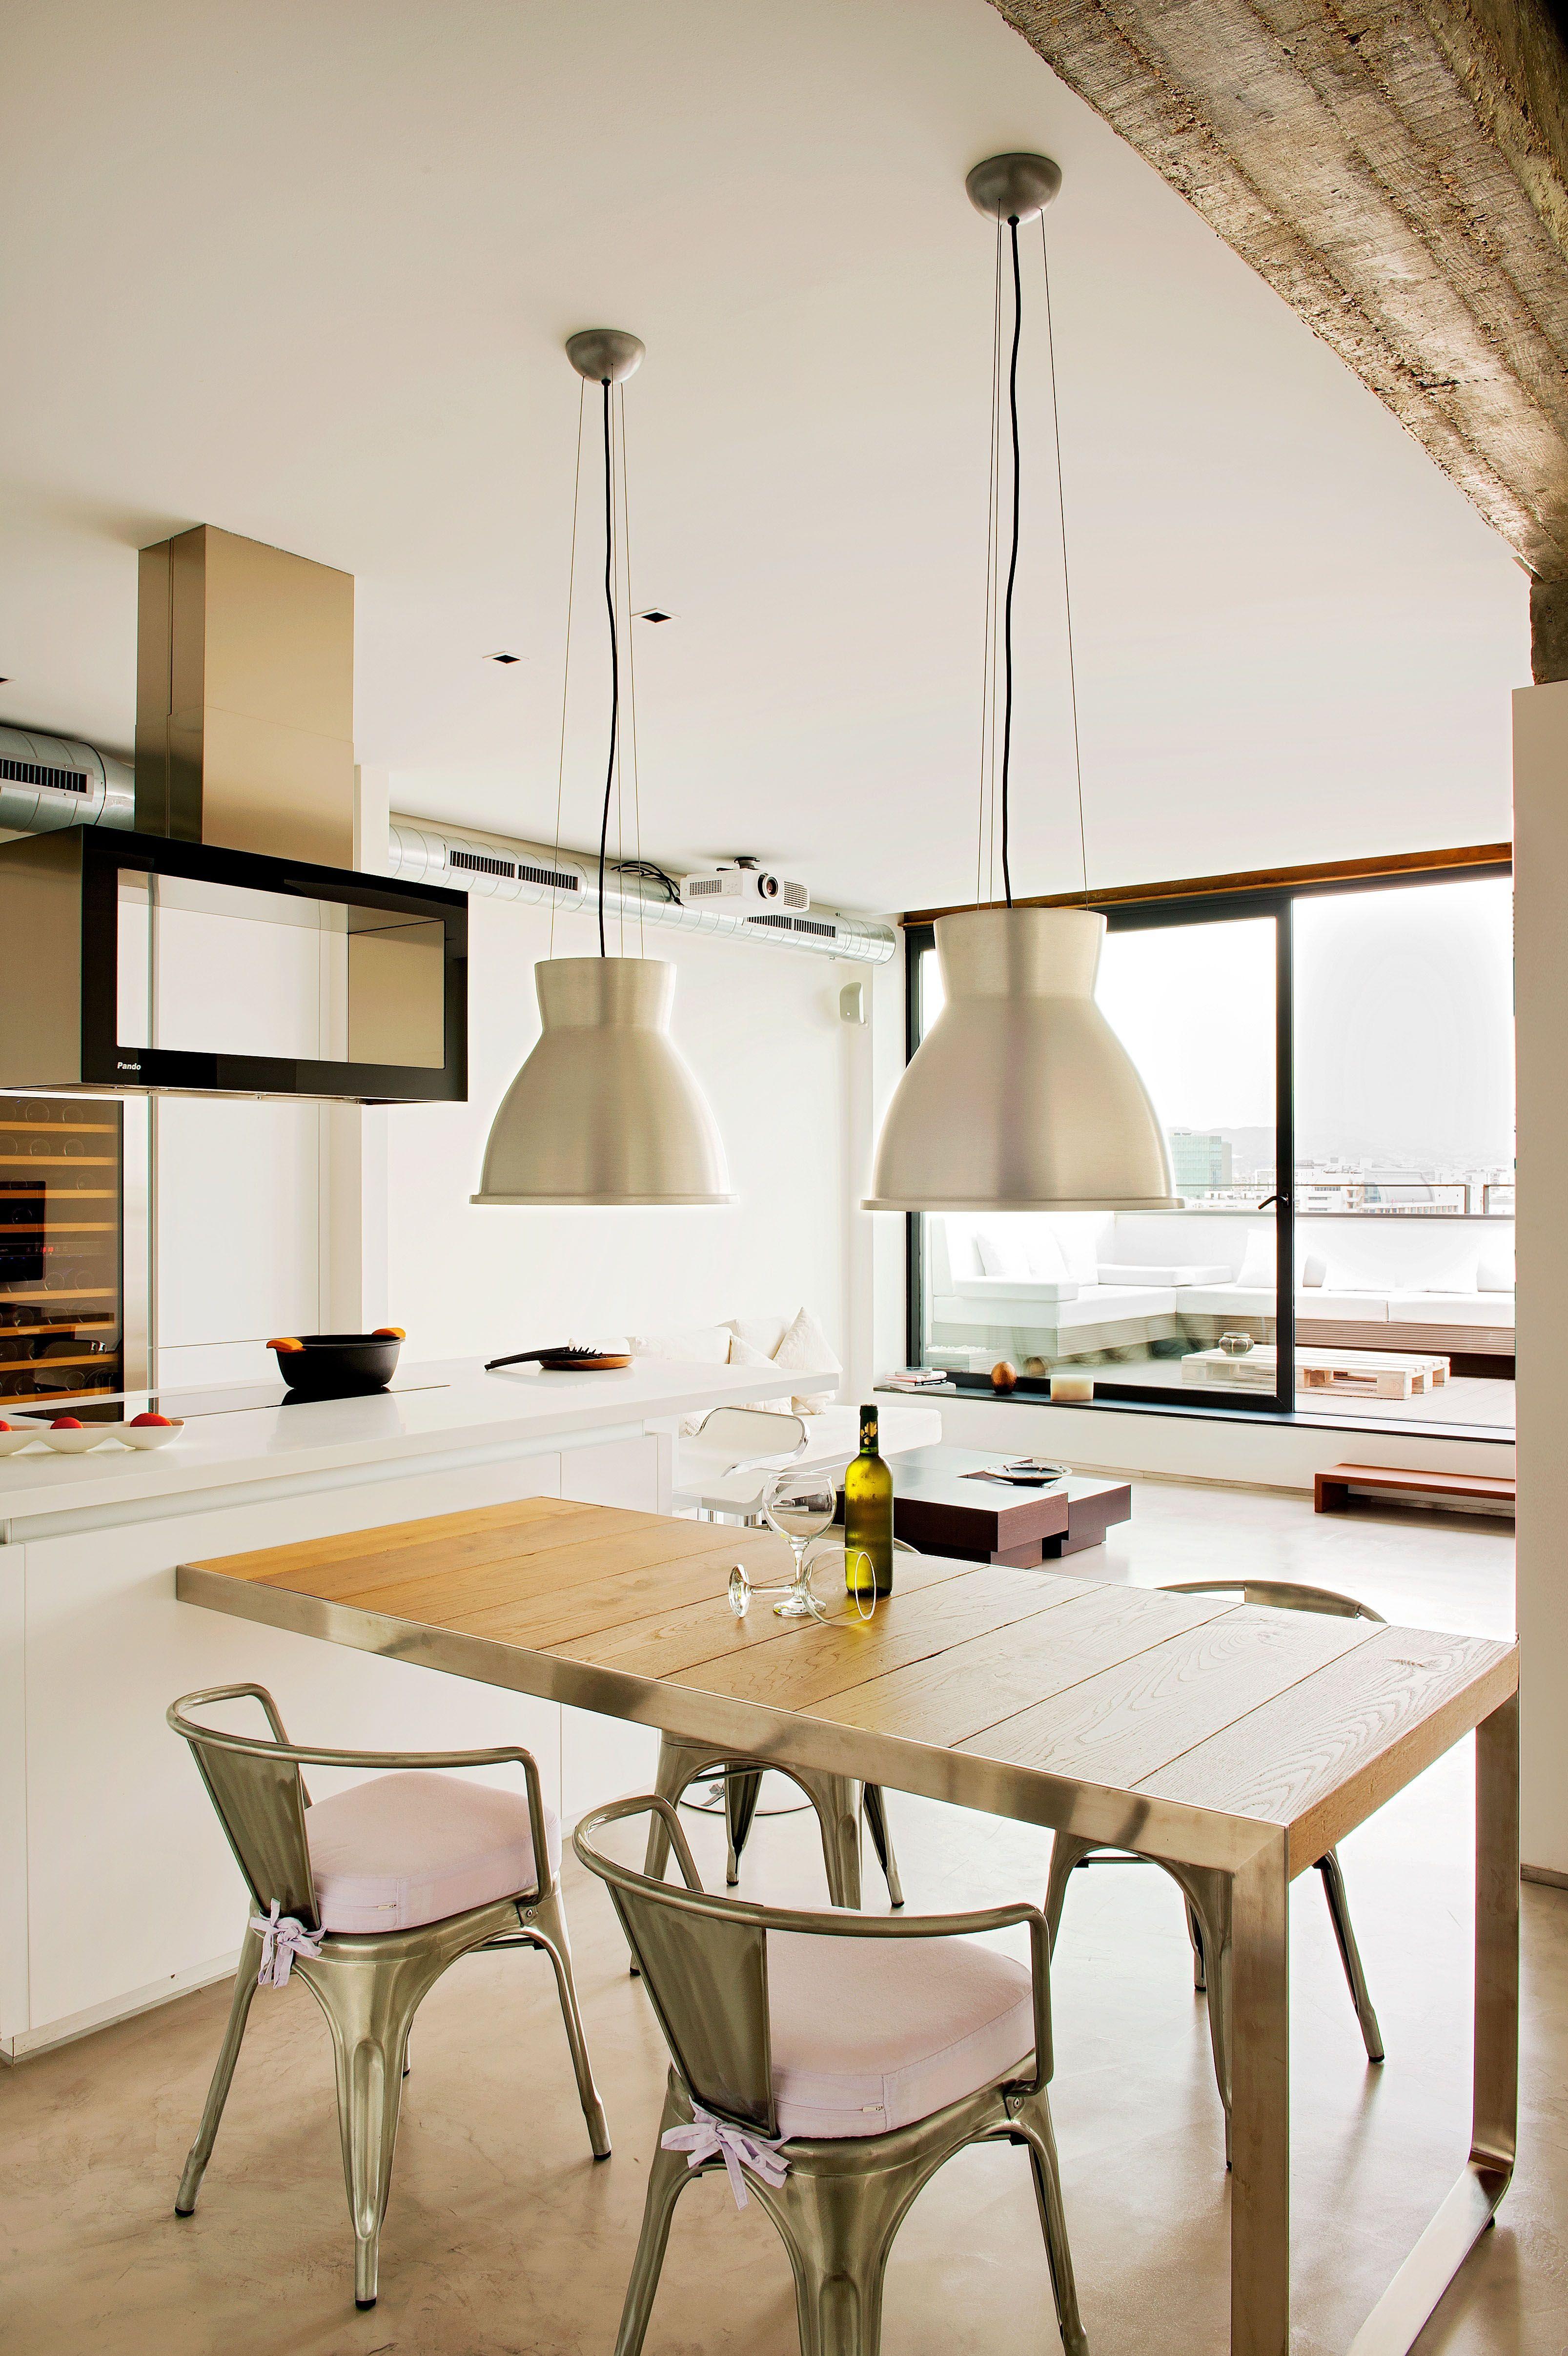 Comedor cocina salon terraza moderno decoracion via - Comedor de terraza ...